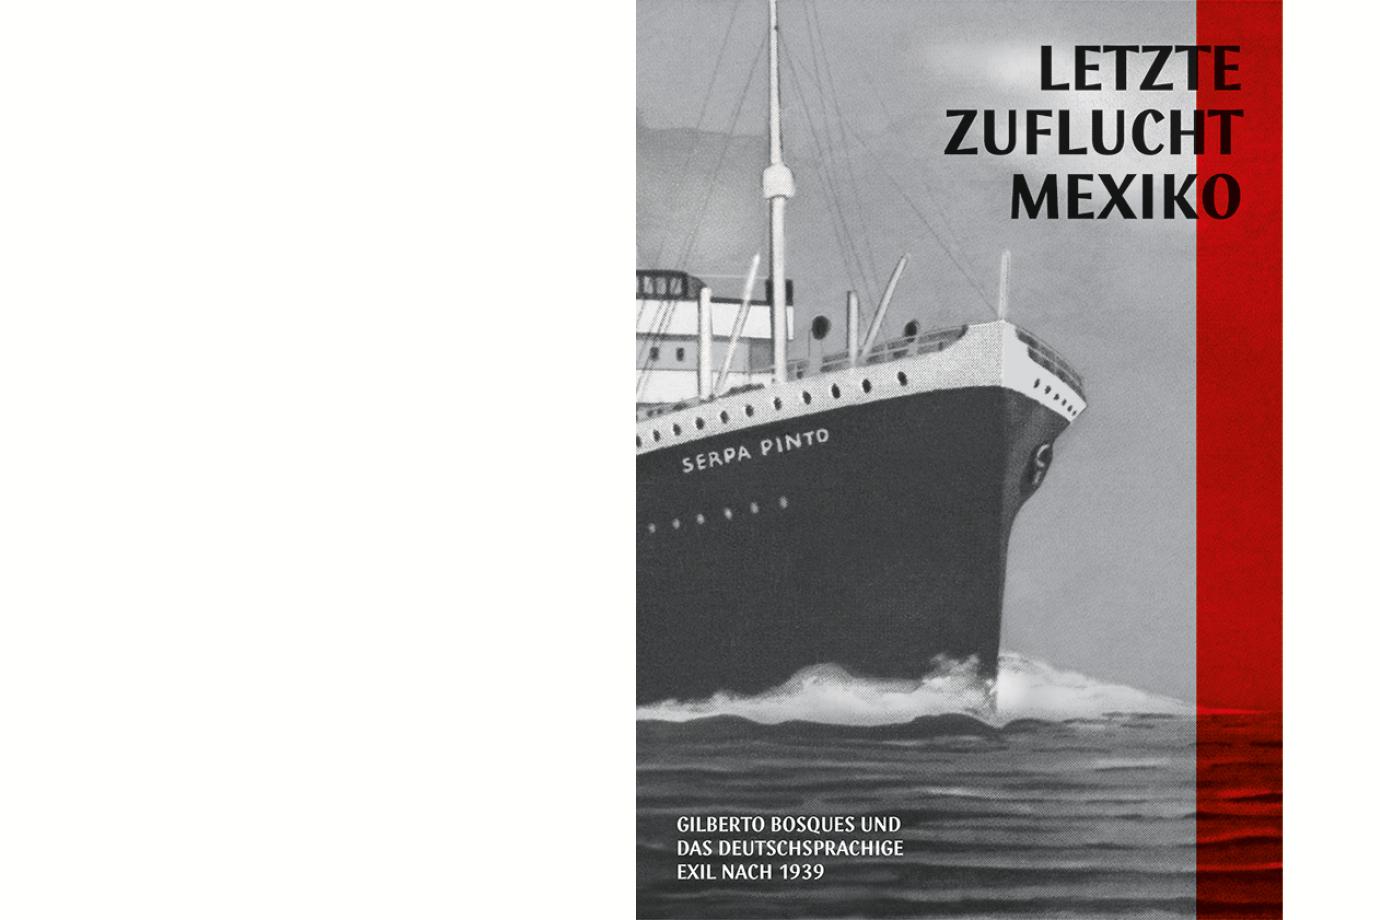 http://e-o-t.de/wordpress/wp-content/uploads/2017/03/2012_Letzte-Zuflucht-Mexiko_Book_Bild01.jpg